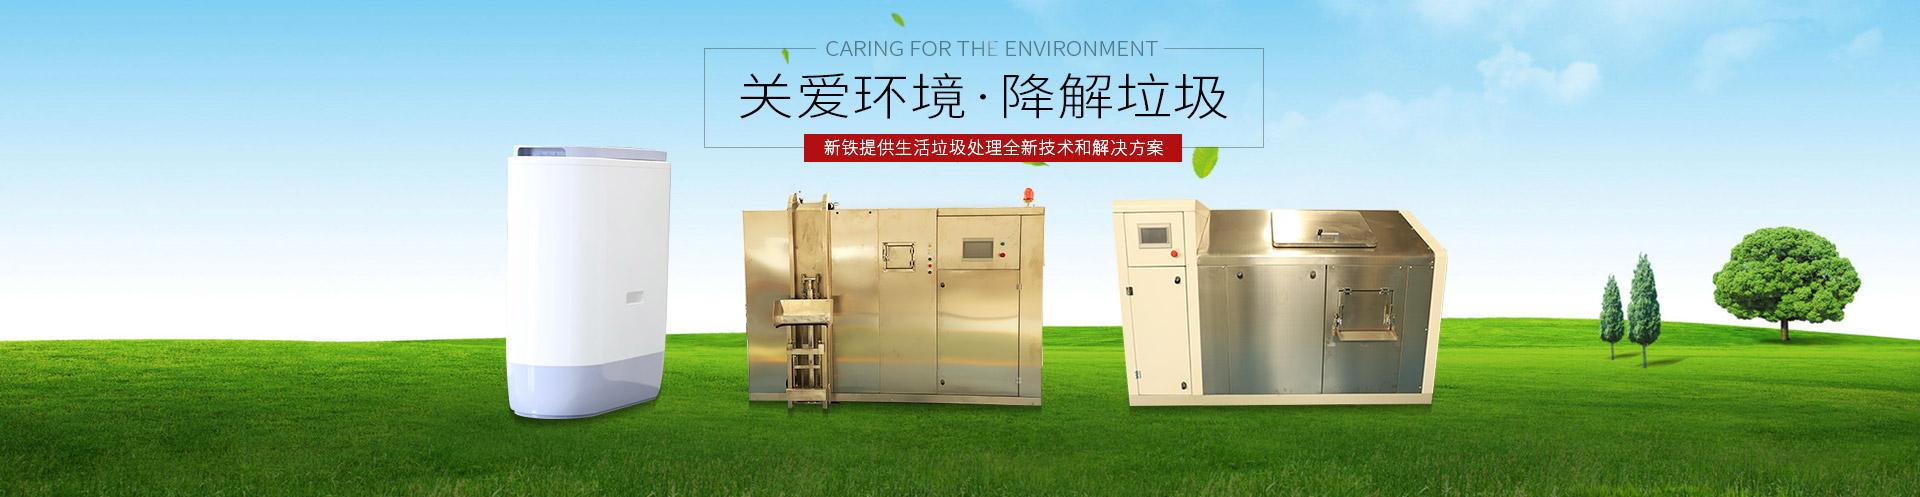 江蘇新鐵重工裝備有限公司